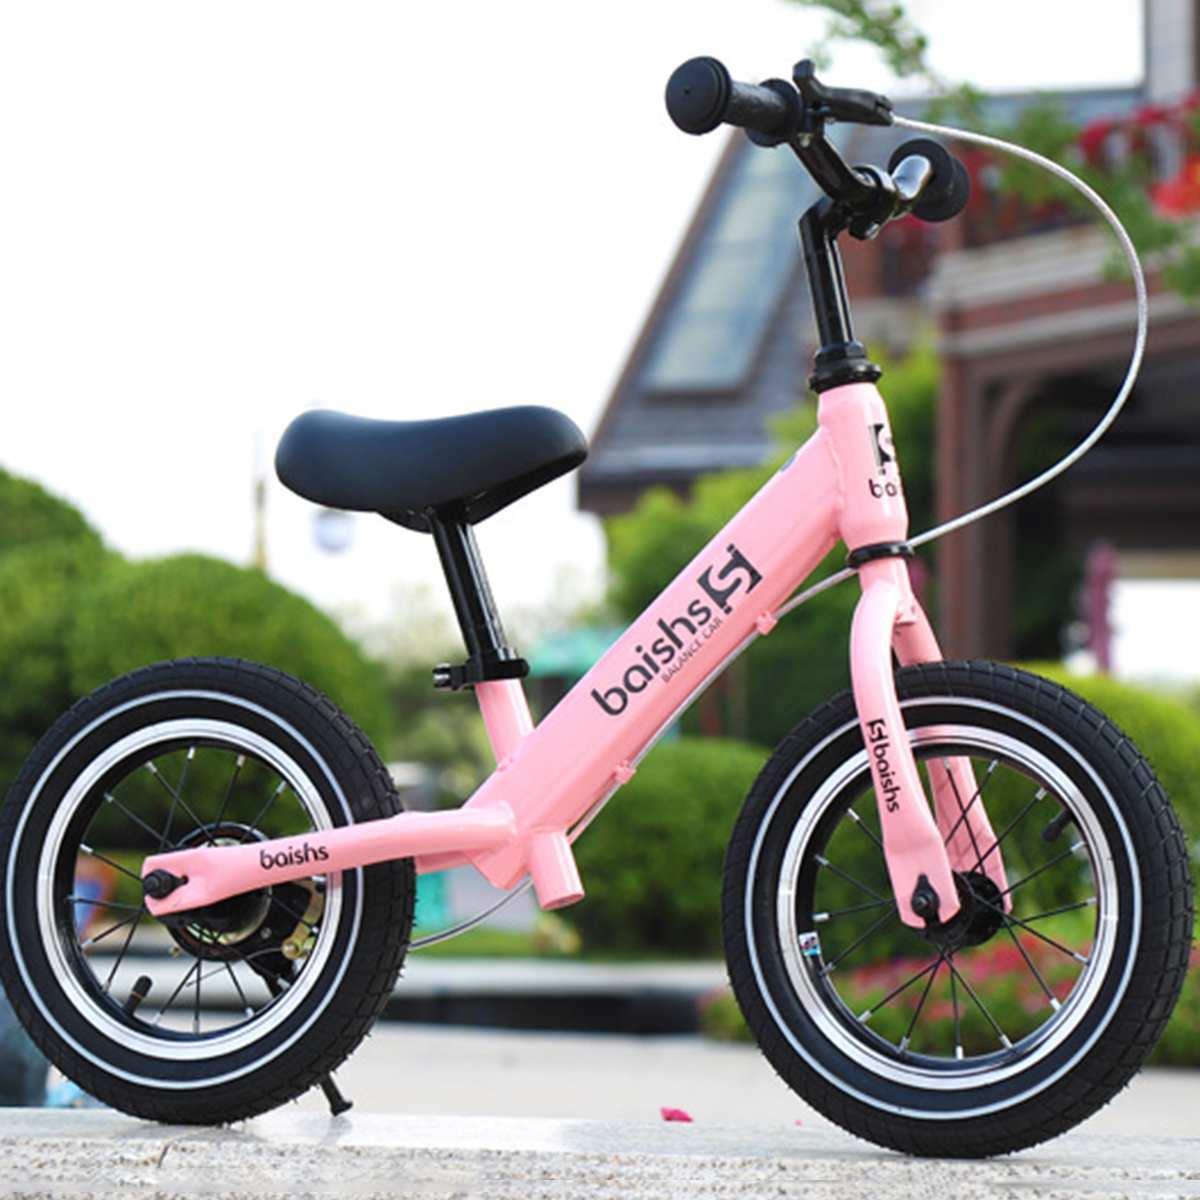 Enfants frein vélo pas de pédale vélo enfant Balance vélo Scooter en plein air jouet entraînement exercice vélo pour 2-8 ans 71x17x36cm rose